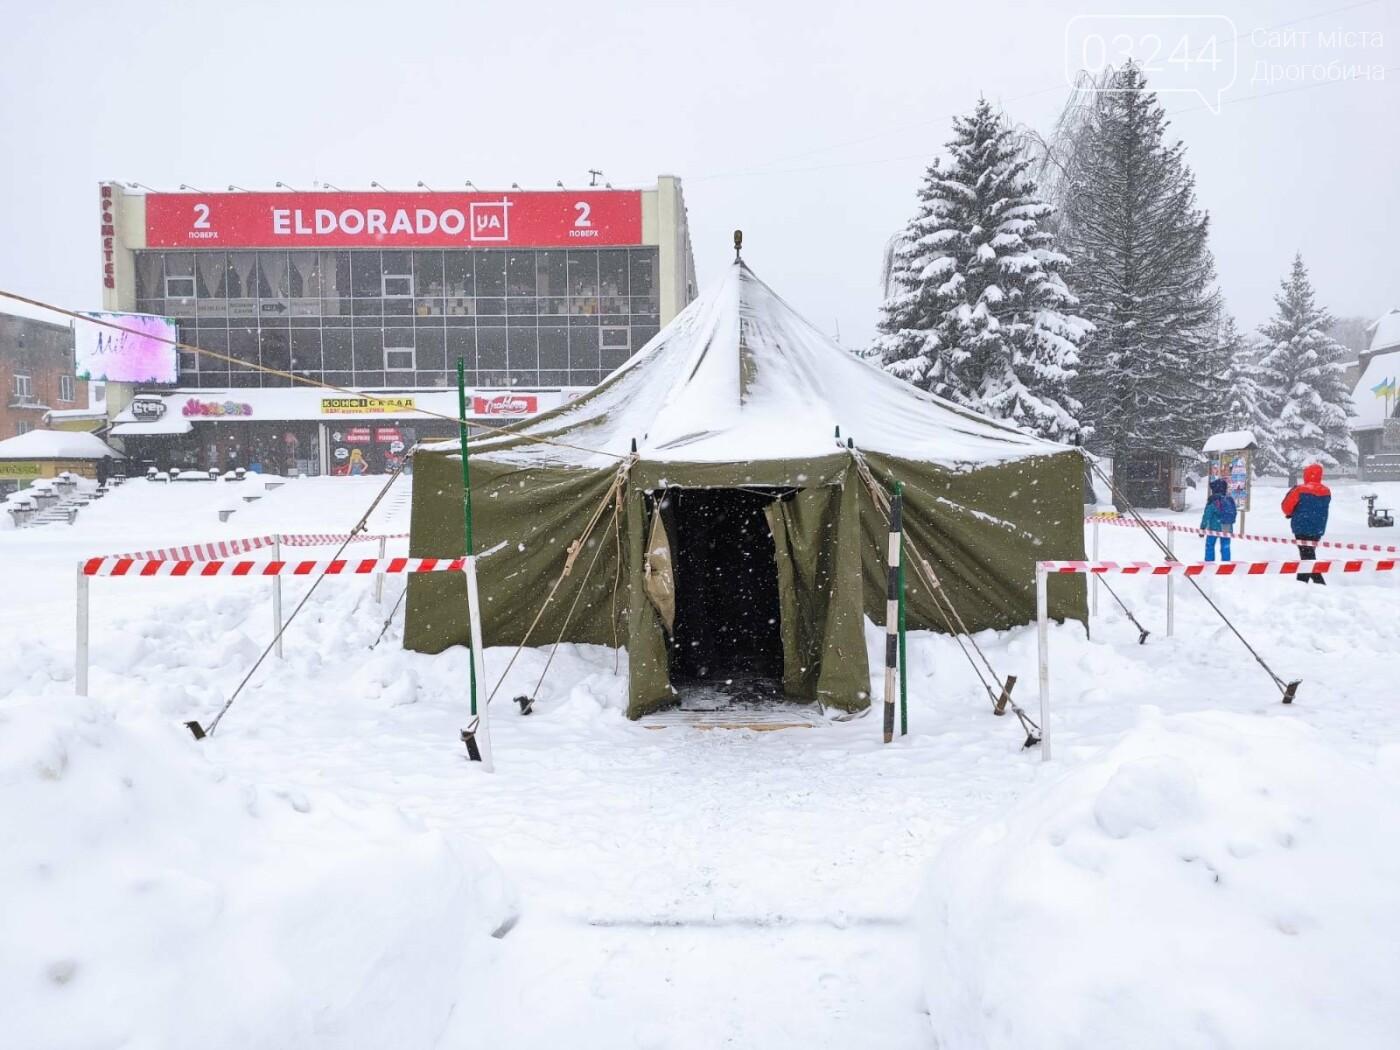 Щоб не замерзнути: у Дрогобичі розгорнули 2 пункти обігріву - один тимчасовий, інший - стаціонарний, фото-5